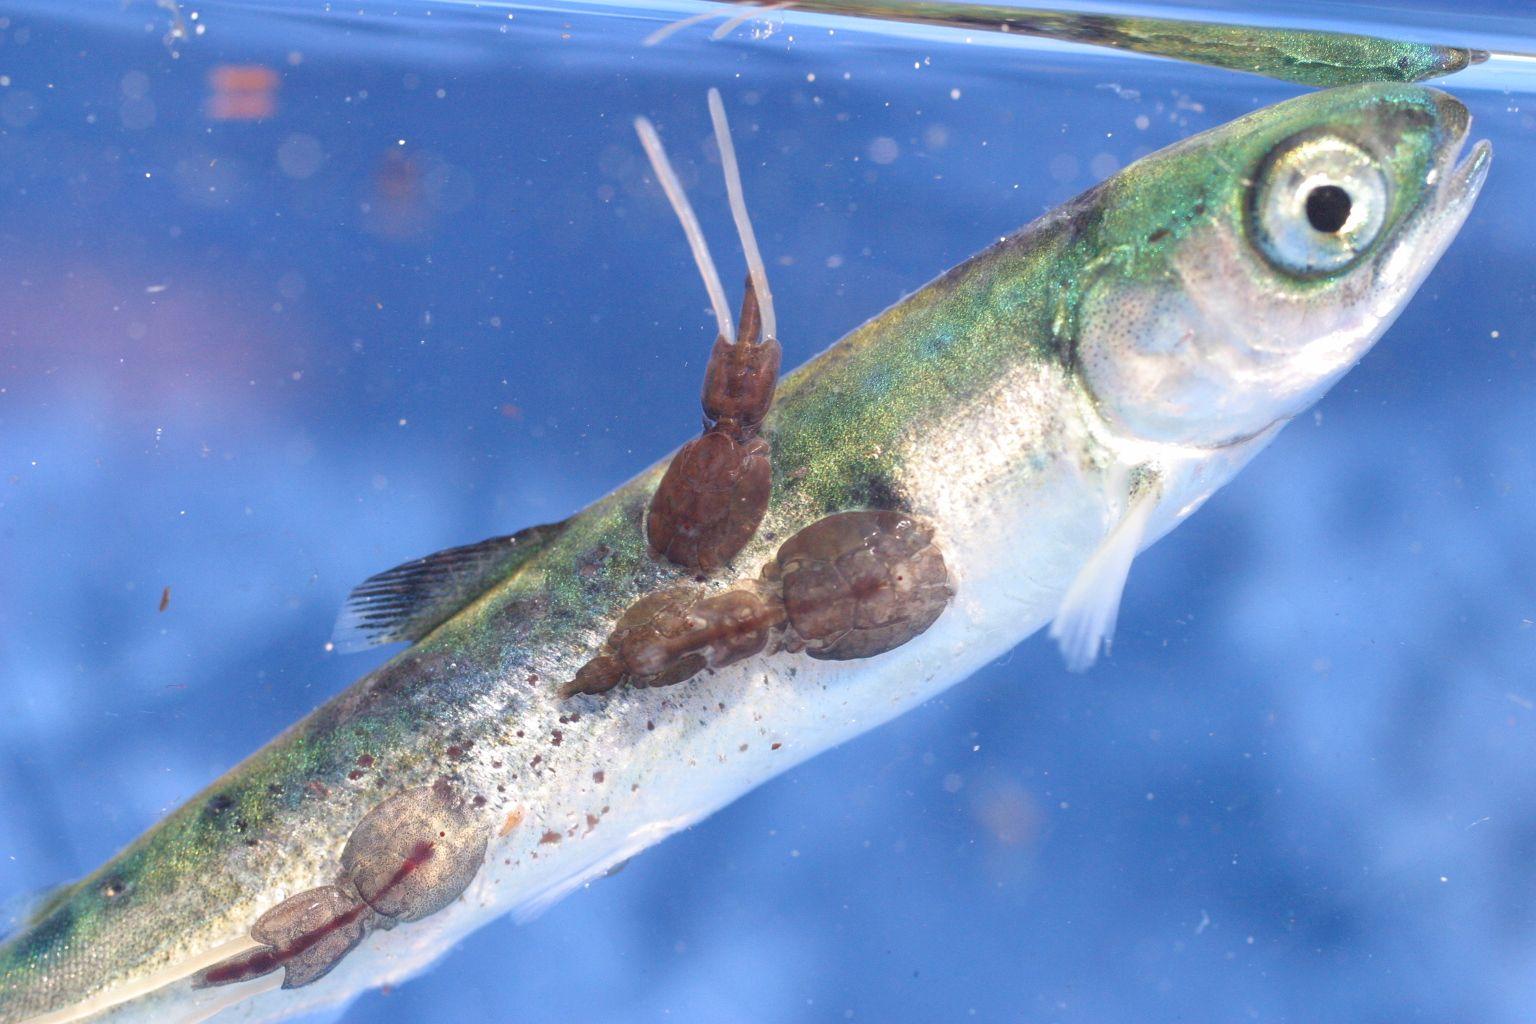 Paraziticka ryba, Hpv virus overdracht